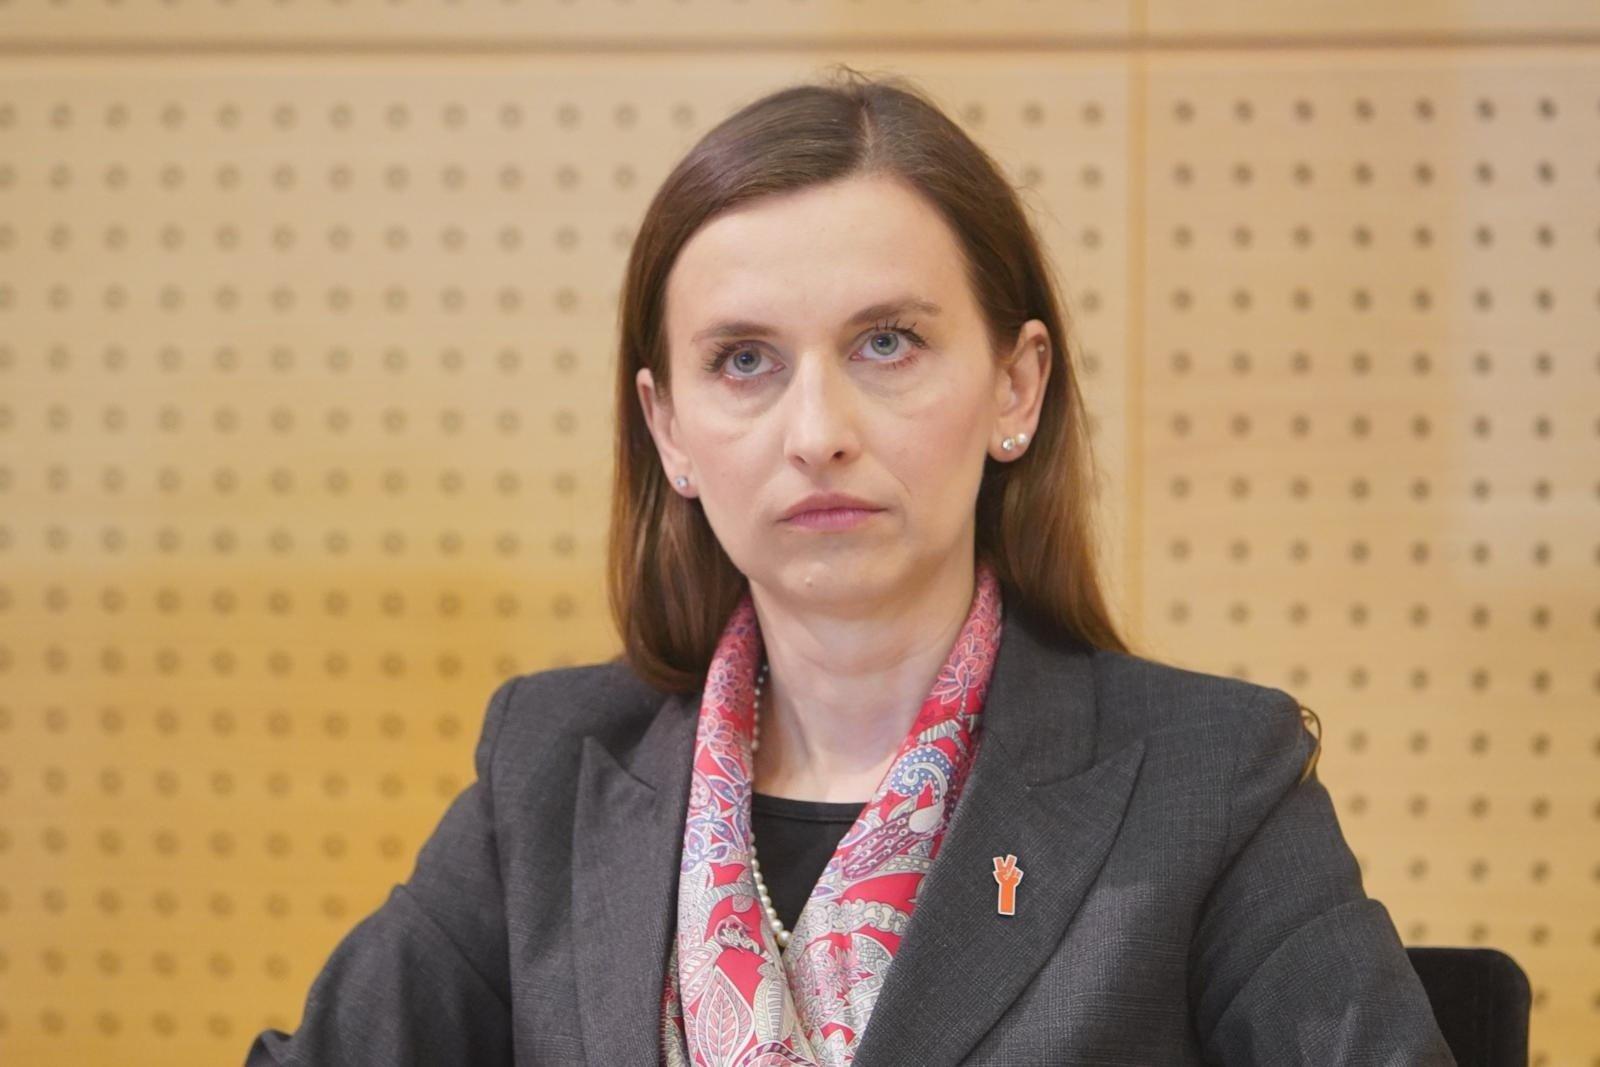 Sylwia Spurek zamieściła obraz Jo Frederiks, przedstawiający krowy w więziennych pasiakach. Muzeum Auschwitz: Instrumentalizacja tragedii  | Polska Times